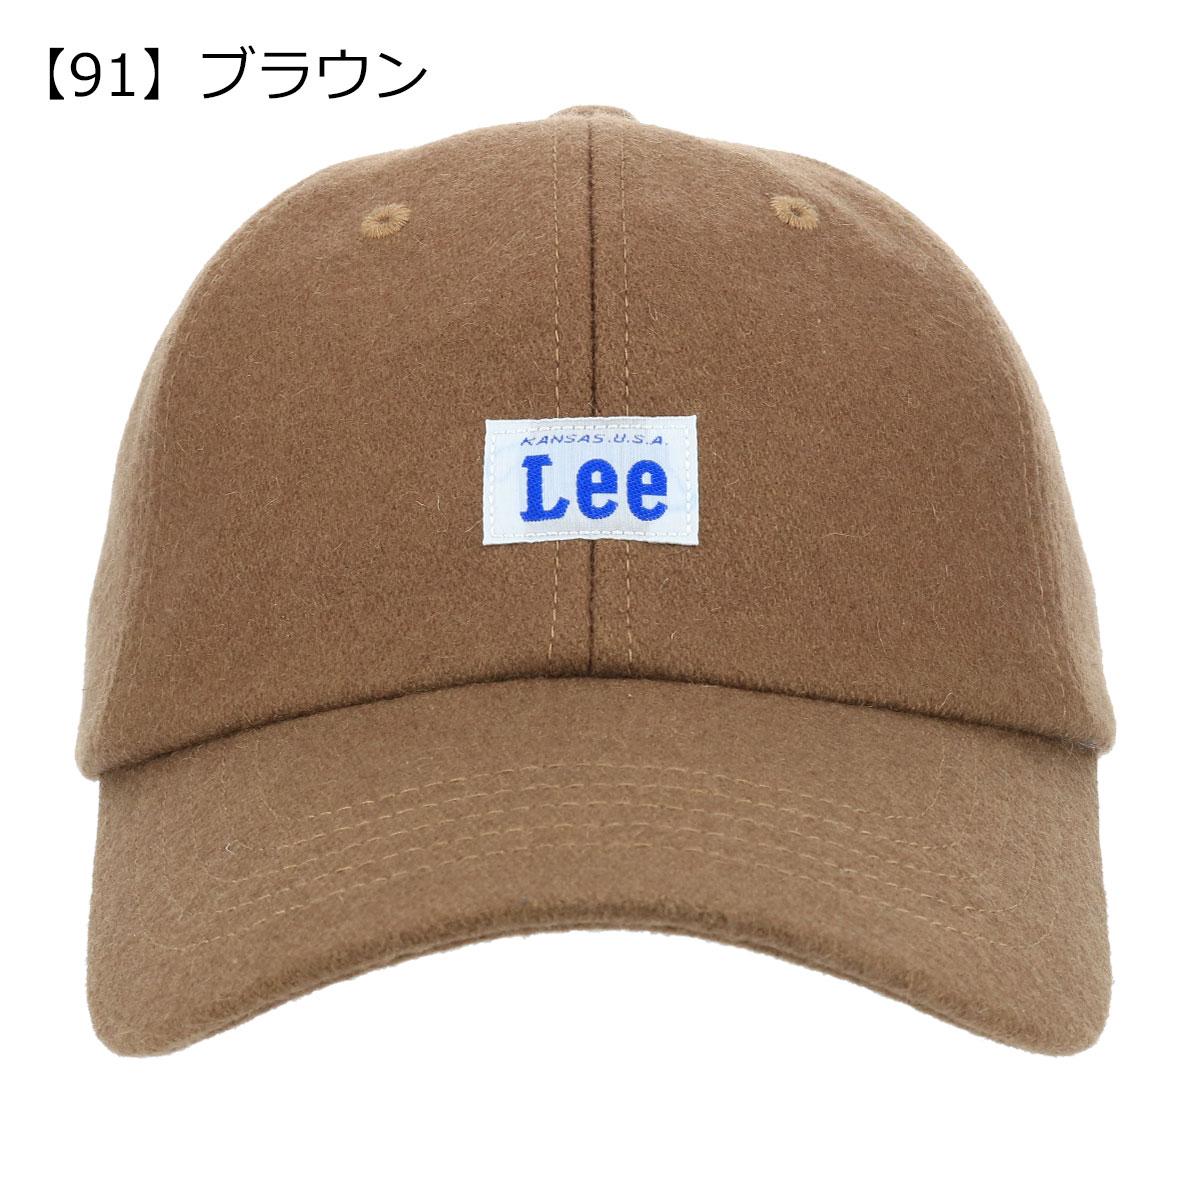 【91】ブラウン